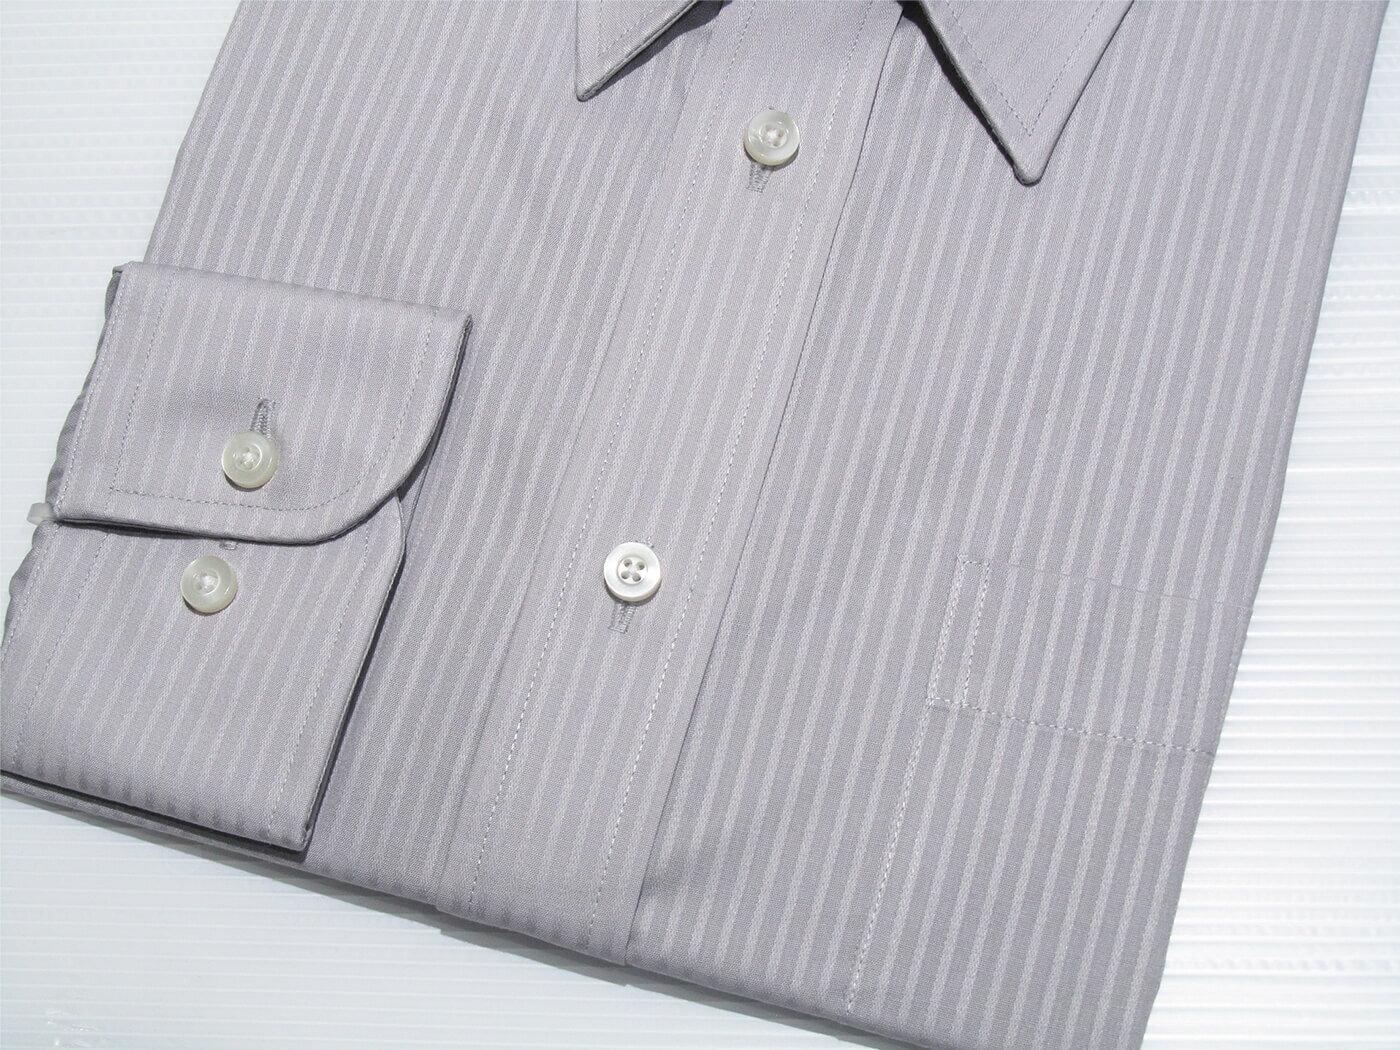 腰身剪裁正式襯衫 直條紋襯衫 舒適標準襯衫 面試襯衫 上班族襯衫 商務襯衫 長袖襯衫 不皺免燙襯衫 (322-3794)淺藍直條紋、(322-3795)淺灰直條紋 領圍:15~18英吋 [實體店面保障] sun-e322 8